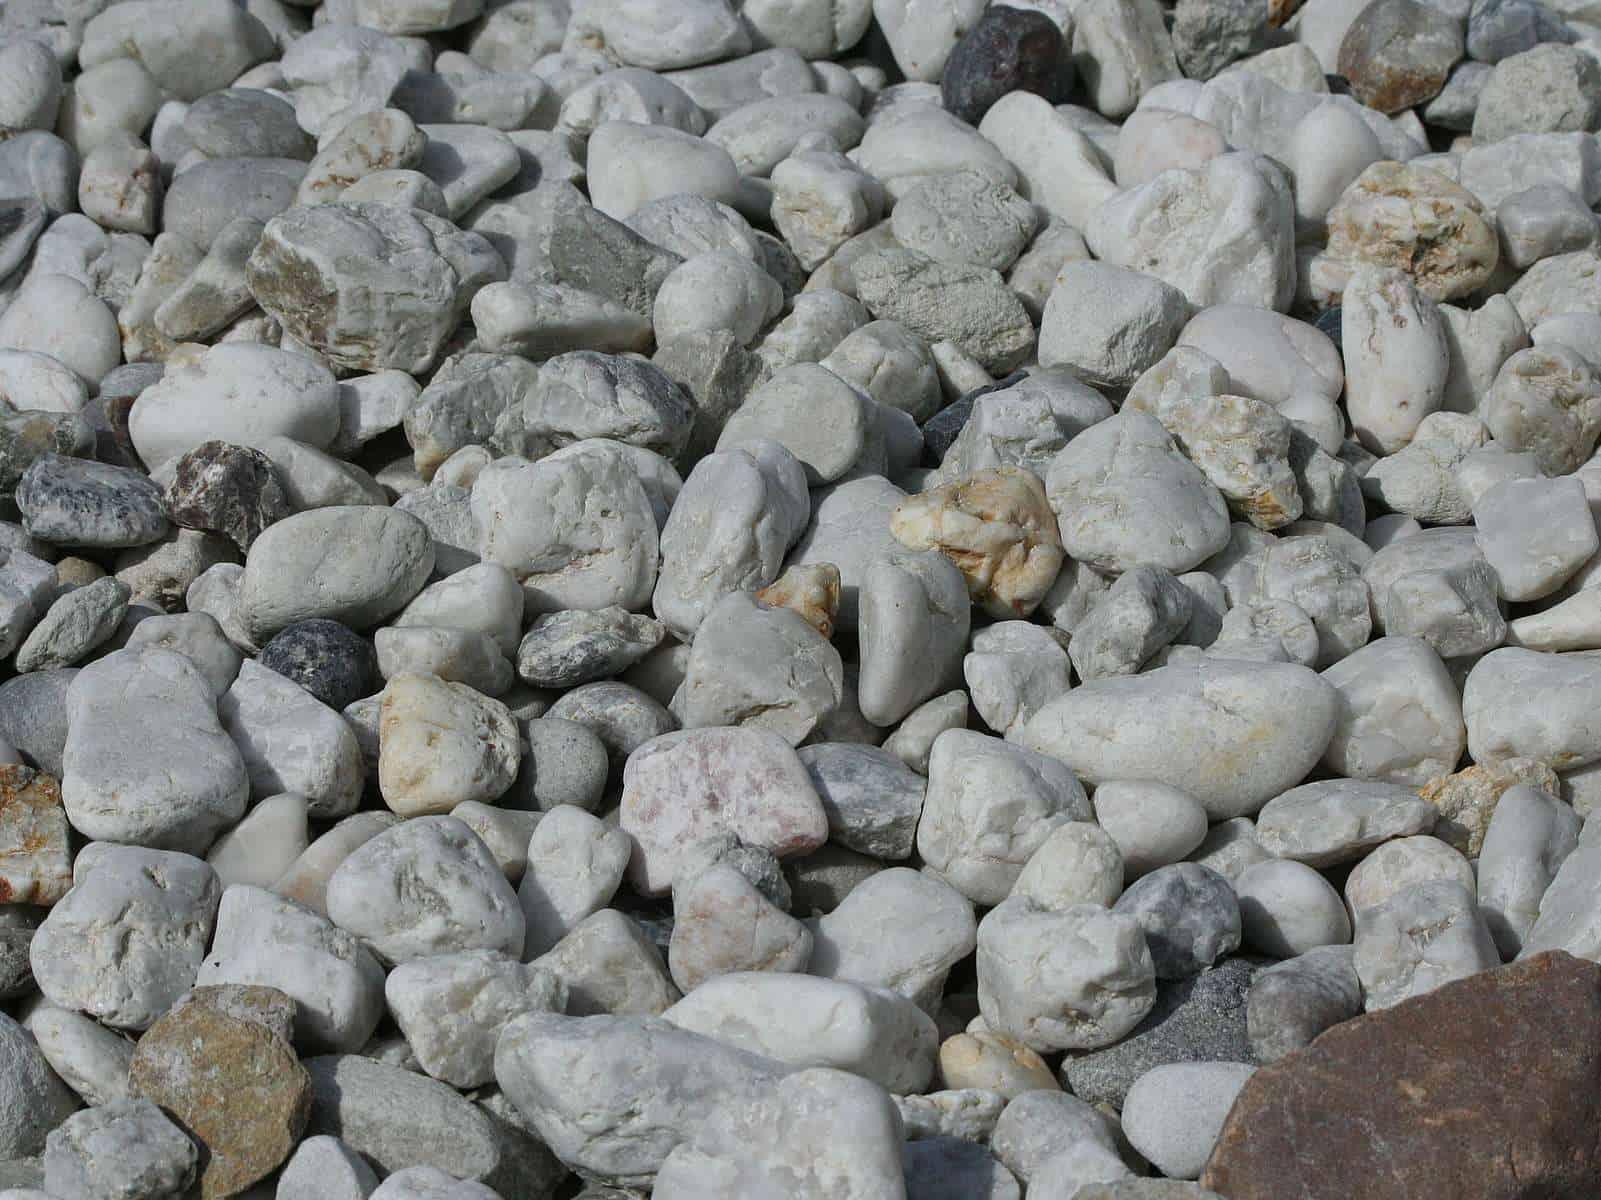 Kies natursteine f r den garten ihr baustoffhandel in nrw - Natursteine fur den garten ...